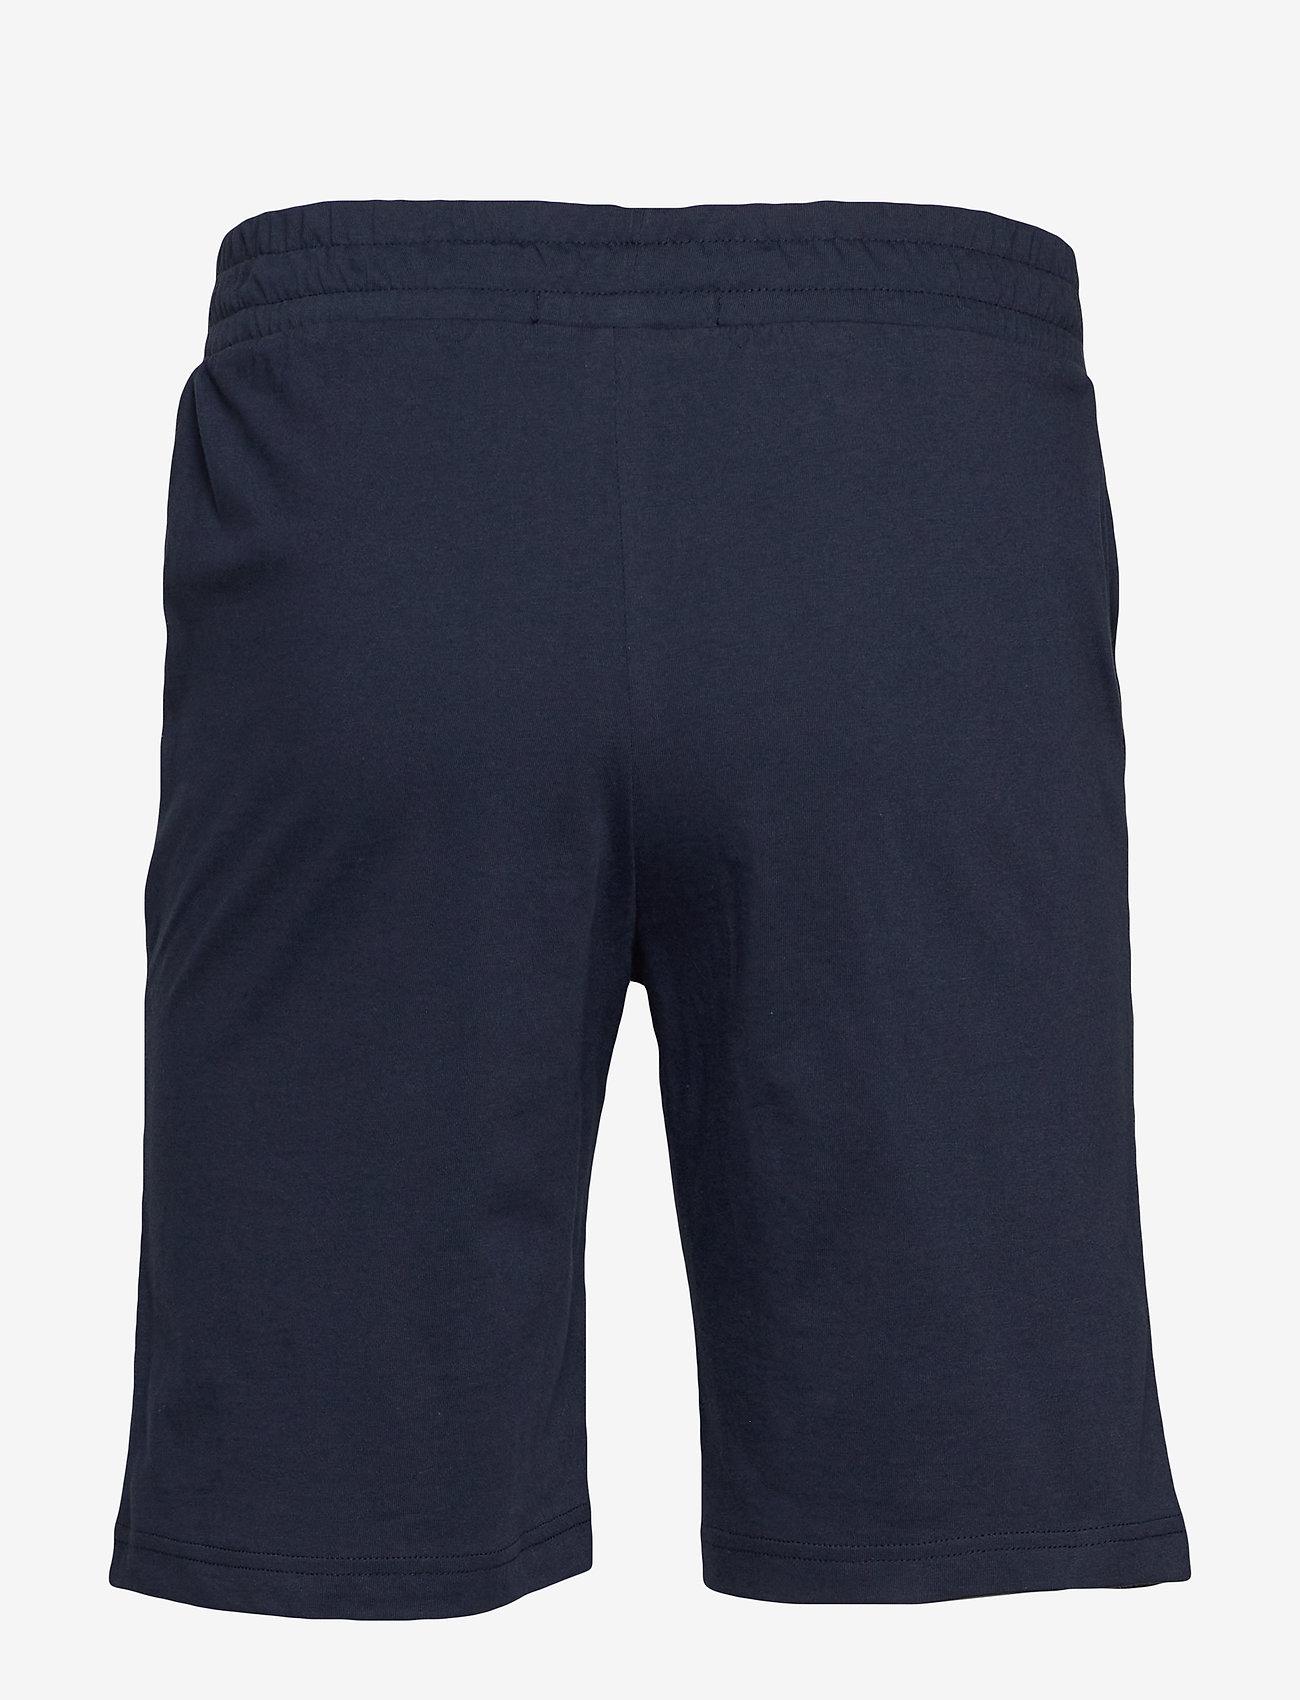 Tommy Hilfiger - SHORT LOGO - bottoms - navy blazer - 1